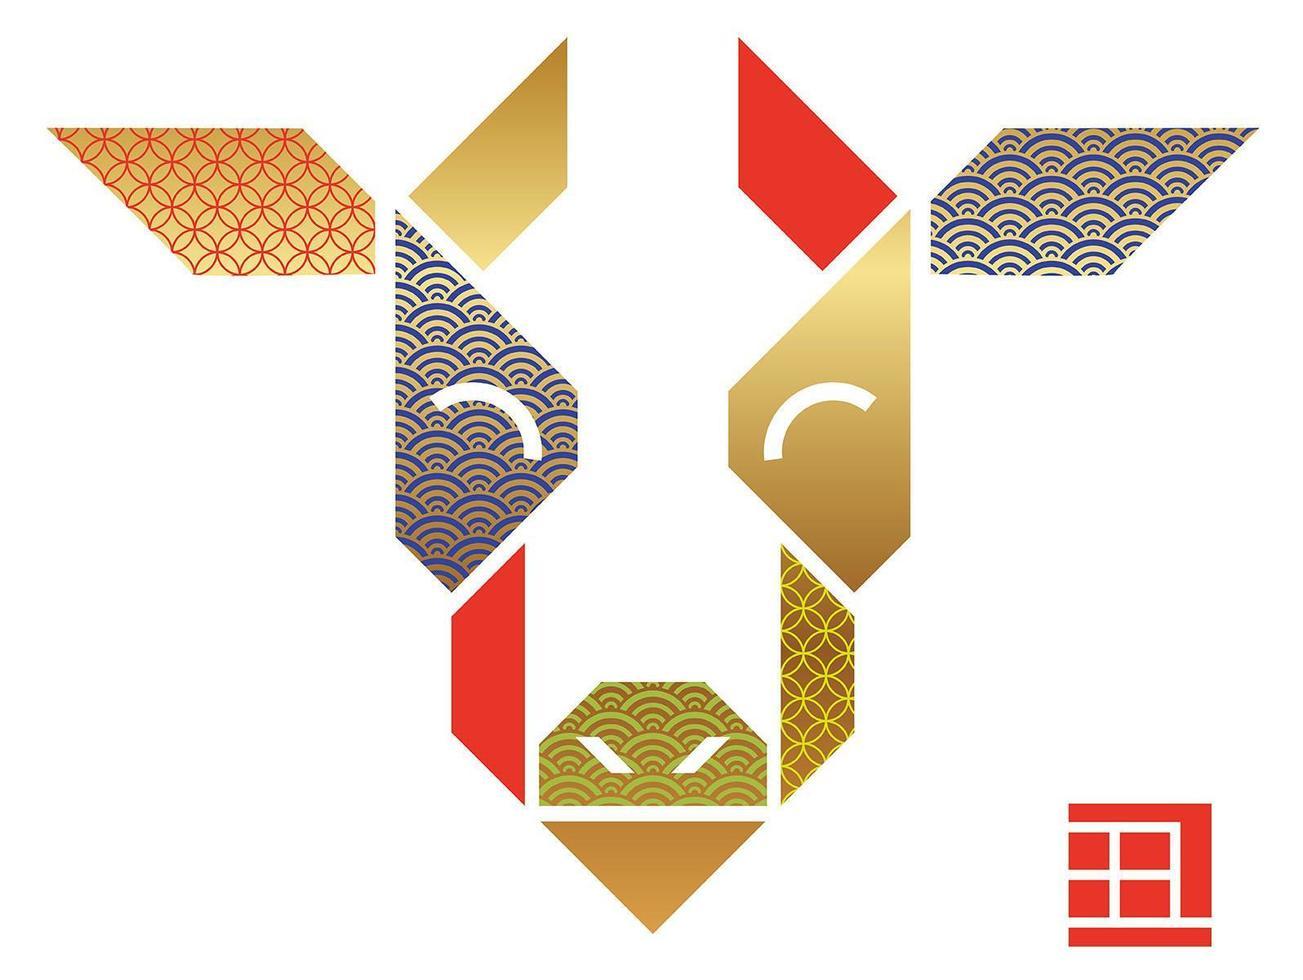 mucca giapponese collage modello per il nuovo anno vettore